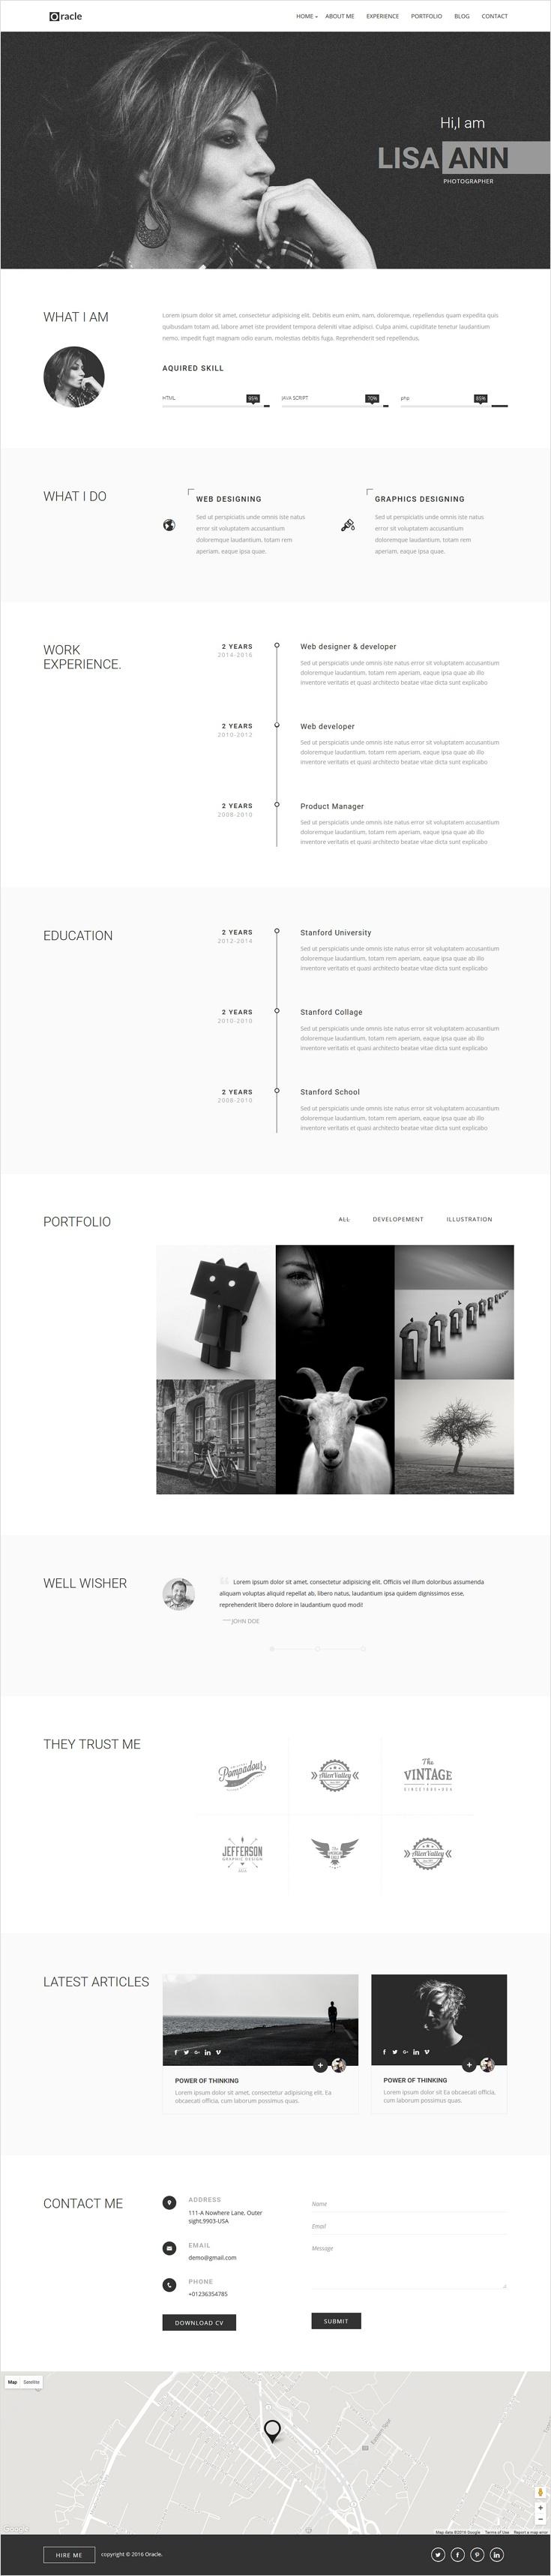 Pin by jing jing song on 个人网站 | Pinterest | Diseño web ...